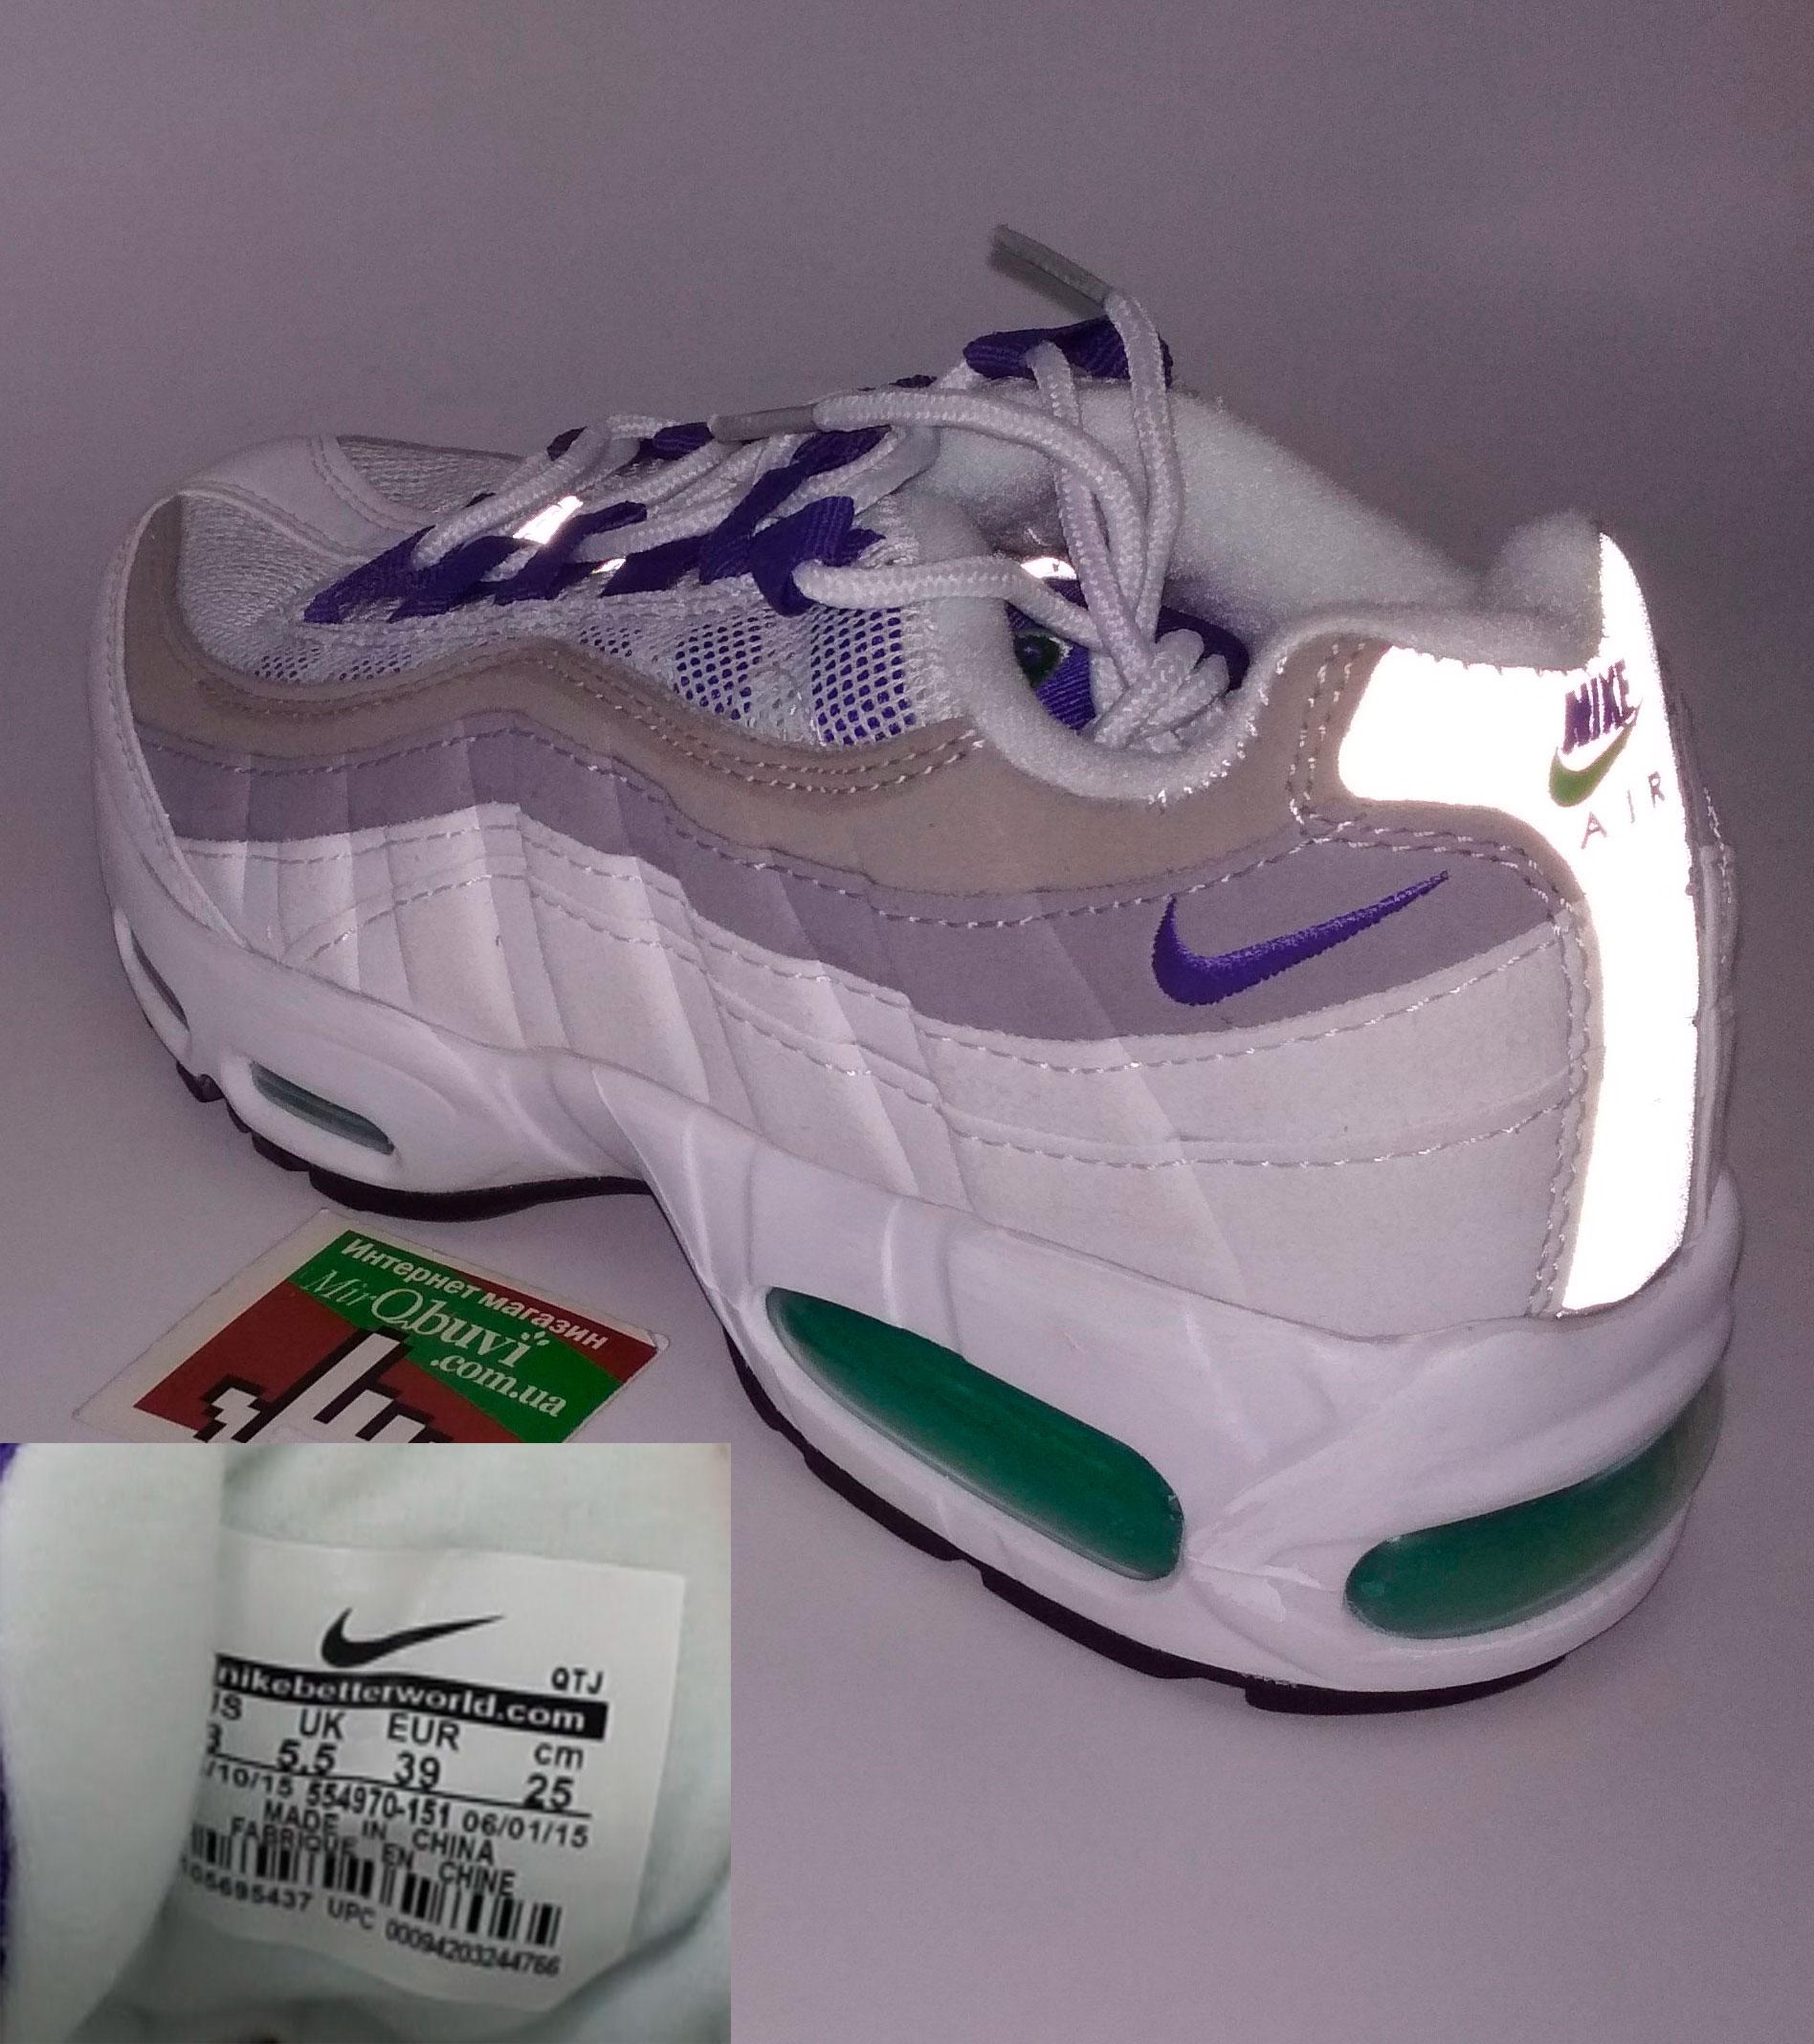 большое фото №6 Женские кроссовки Nike air max 95 бело-серо-фиолетовые. ТОП КАЧЕСТВО!!!